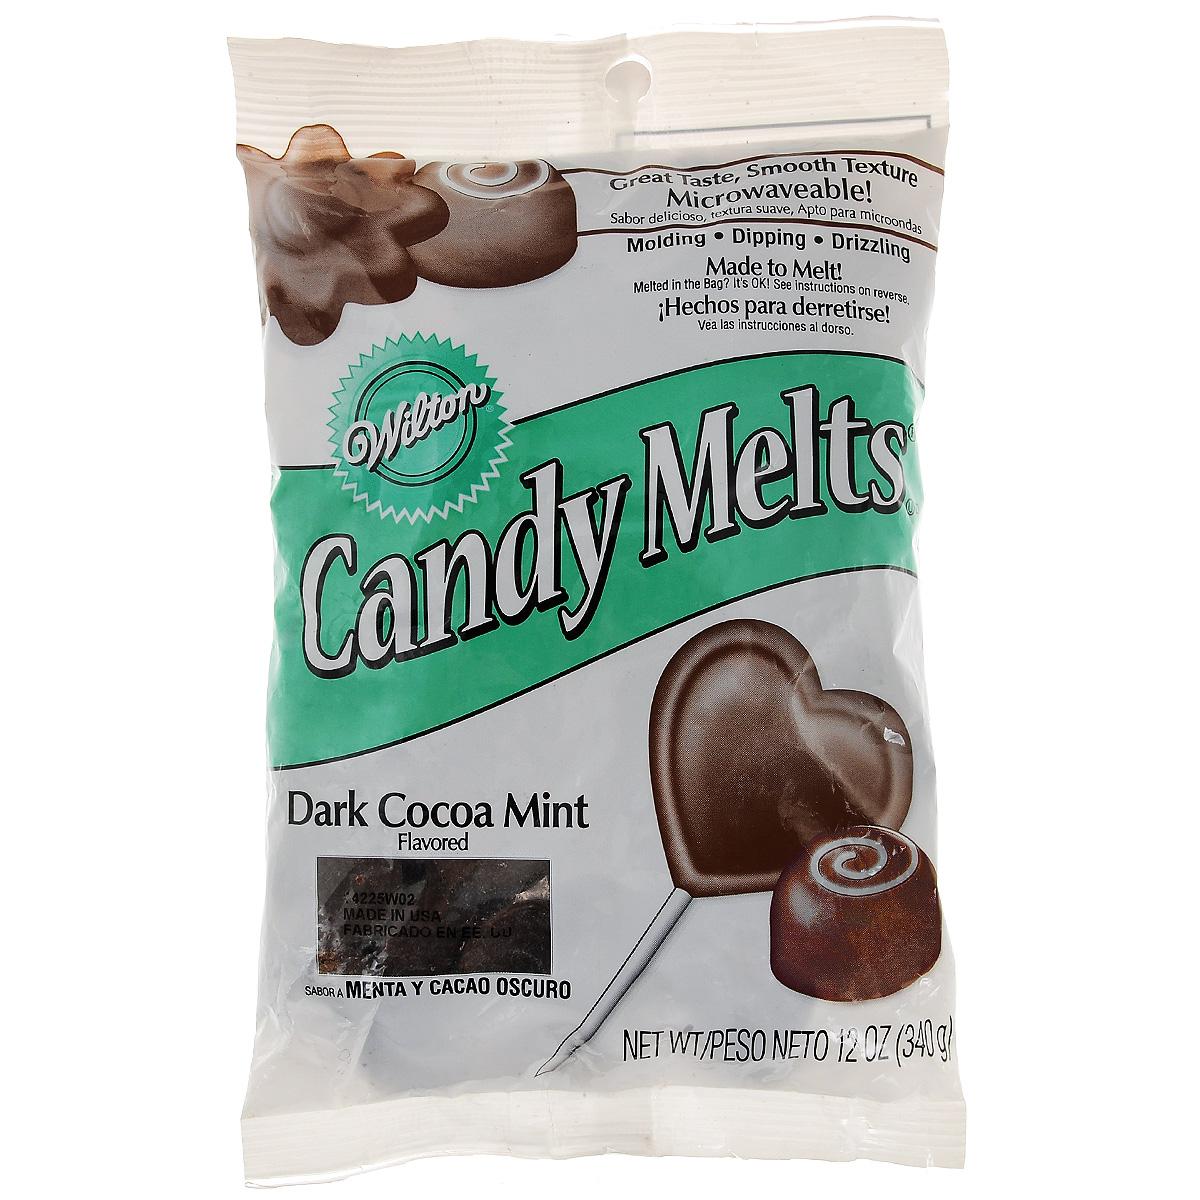 Тающая конфетка Wilton Candy Melts, цвет: шоколадный мятный, 340 гWLT-1911-1355Тающая конфетка Wilton Candy Melts используется для создания конфет, глазировки фруктов, печений, тортов и других кондитерских изделий. Имеет форму таблетки. С помощью таких конфет можно создавать кондитерские изделия различной формы. Растопить конфеты можно в микроволновой печи или на водяной бане, а затем залить в формочки. Когда масса застынет, просто переверните формочку и достаньте готовое изделие. Состав: сахар, частично гидрогенизированное пальмовое масло, какао пудра обработанная щелочью, сухой молочный сывороточный белок, соевый лецитин, соль, натуральный ароматизатор. Пищевая ценность на 100 г: жиры - 30 г, в т.ч. насыщенные жиры - 27,5 г, белок - меньше 2,5 г, углеводы - 65 г, в т.ч. сахар - 62,5 г, клетчатка - 2,5 г. Энергетическая ценность: 525 Ккал. Масса нетто: 340 г. Товар сертифицирован.